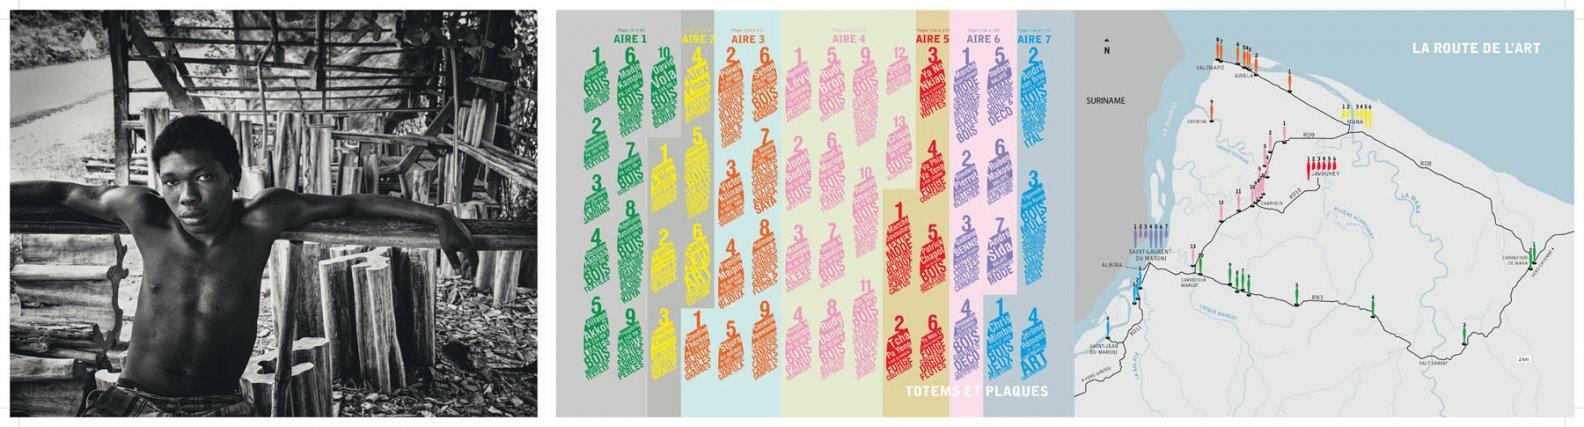 La carte des sites artistiques. La Route de l'art organise sur les trois communes de l'Ouest un circuit qui permet la rencontre avec près de cent cinquante artistes et artisans sur 55 sites, répartis sur 7 aires, ici signalées par couleur.